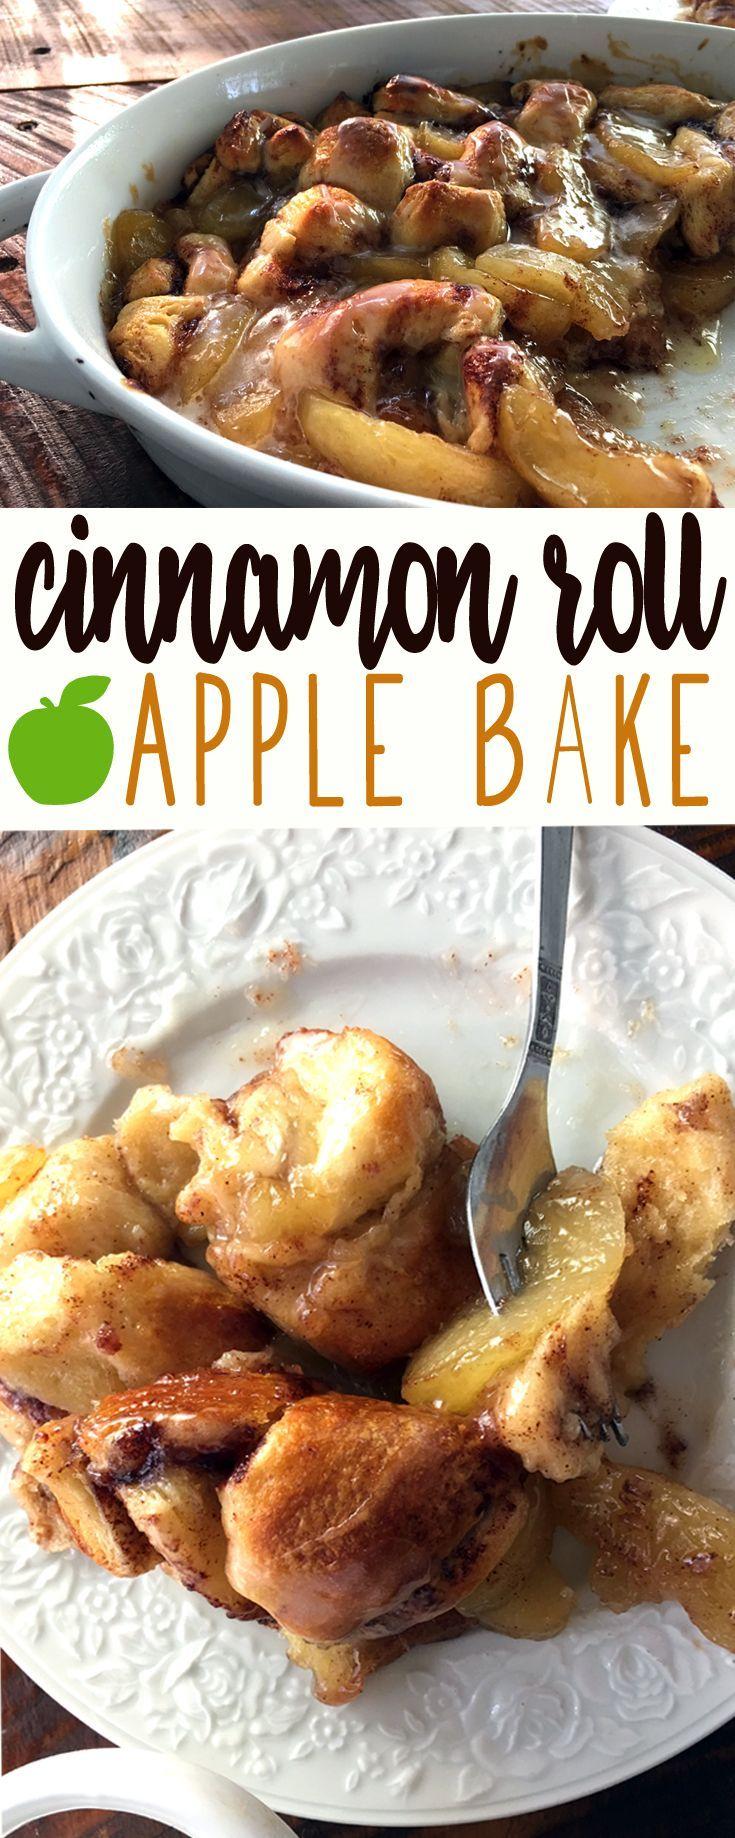 Easy Dessert Recipe for Cinnamon Roll Apple Bake